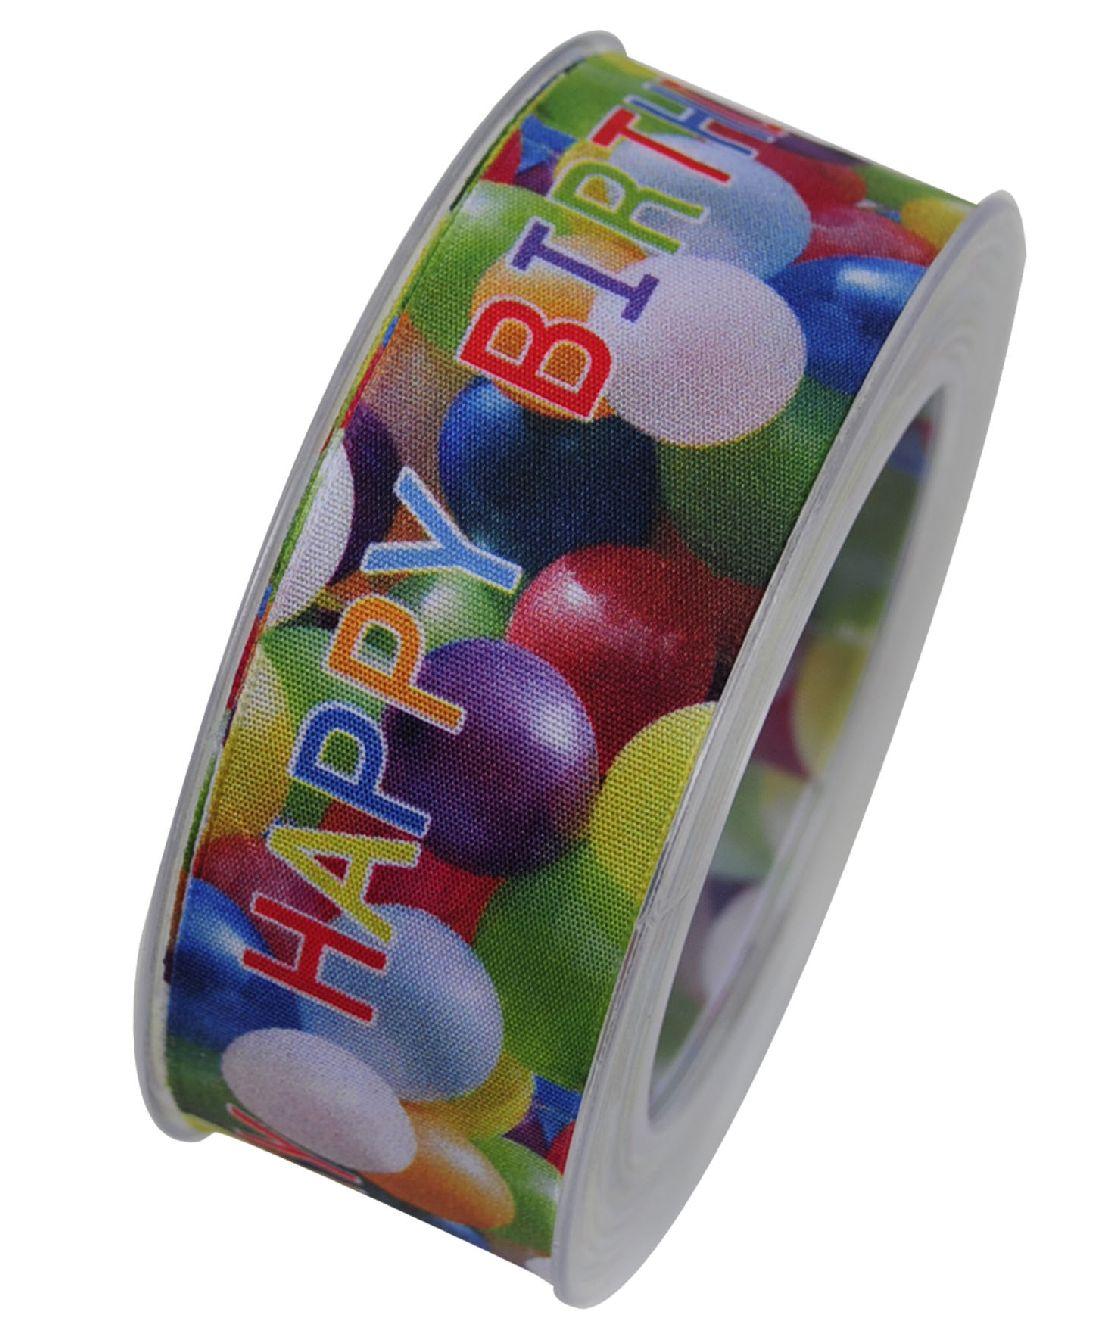 Band Happy Birthday Luftballon X409 mit formstabiler Kante 40 mm 15 Meter